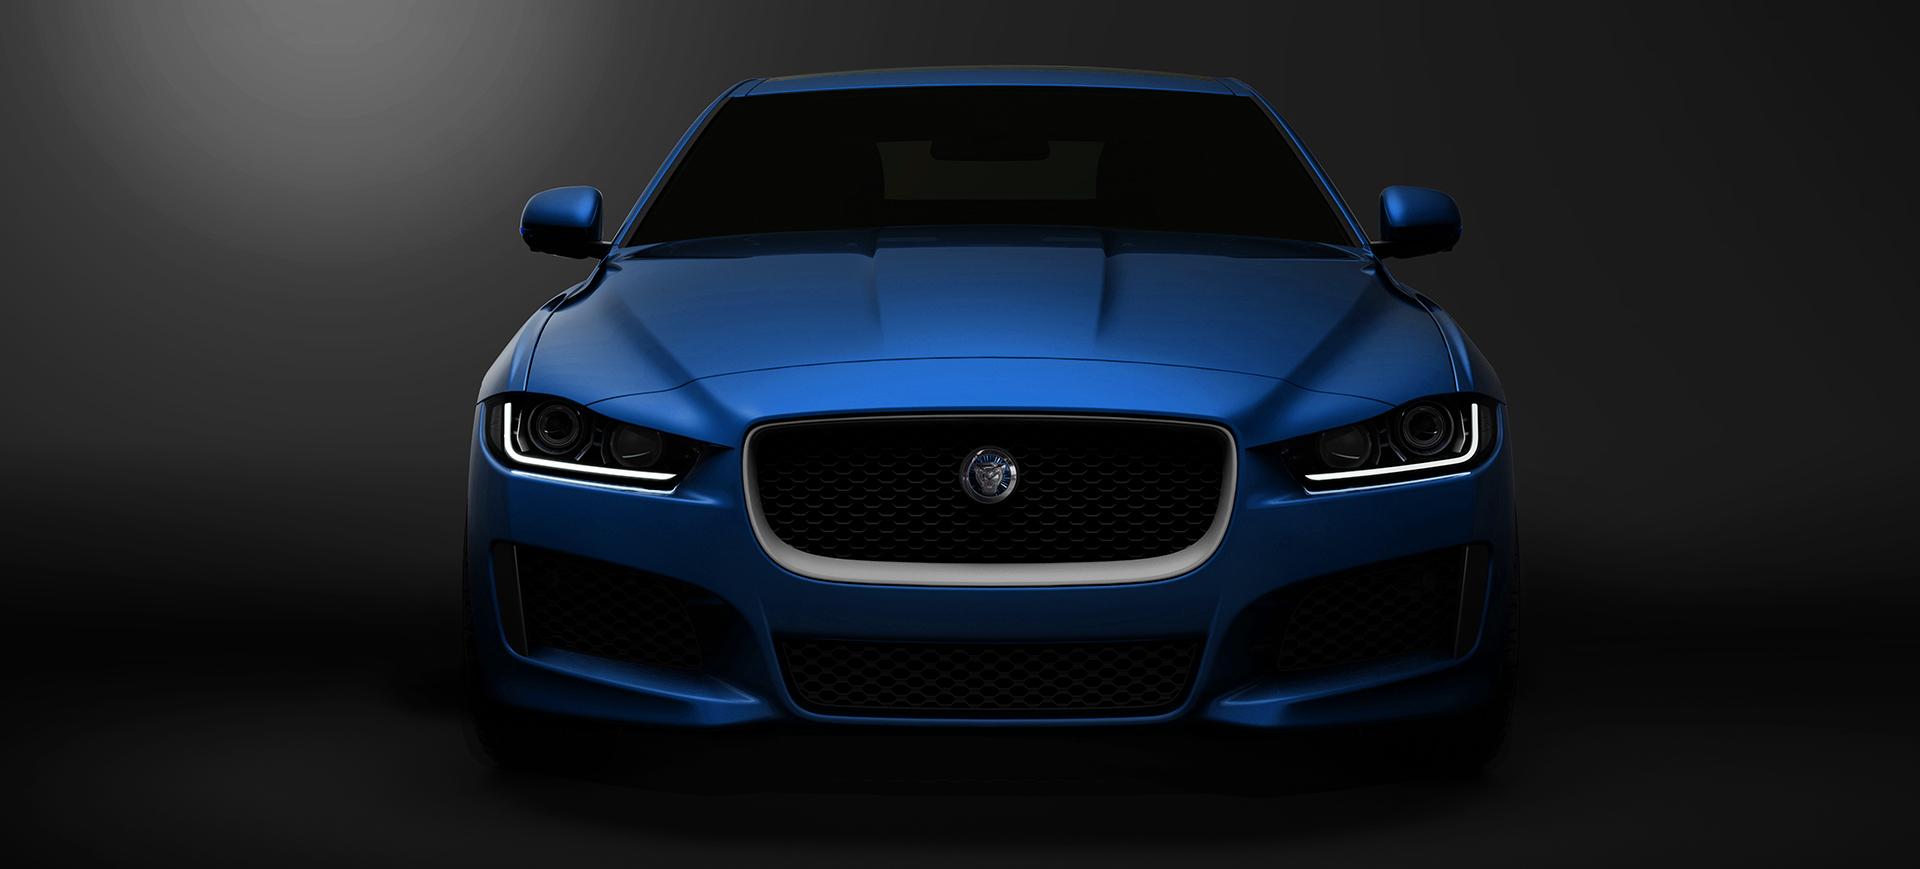 Jaguar XE frontal azul